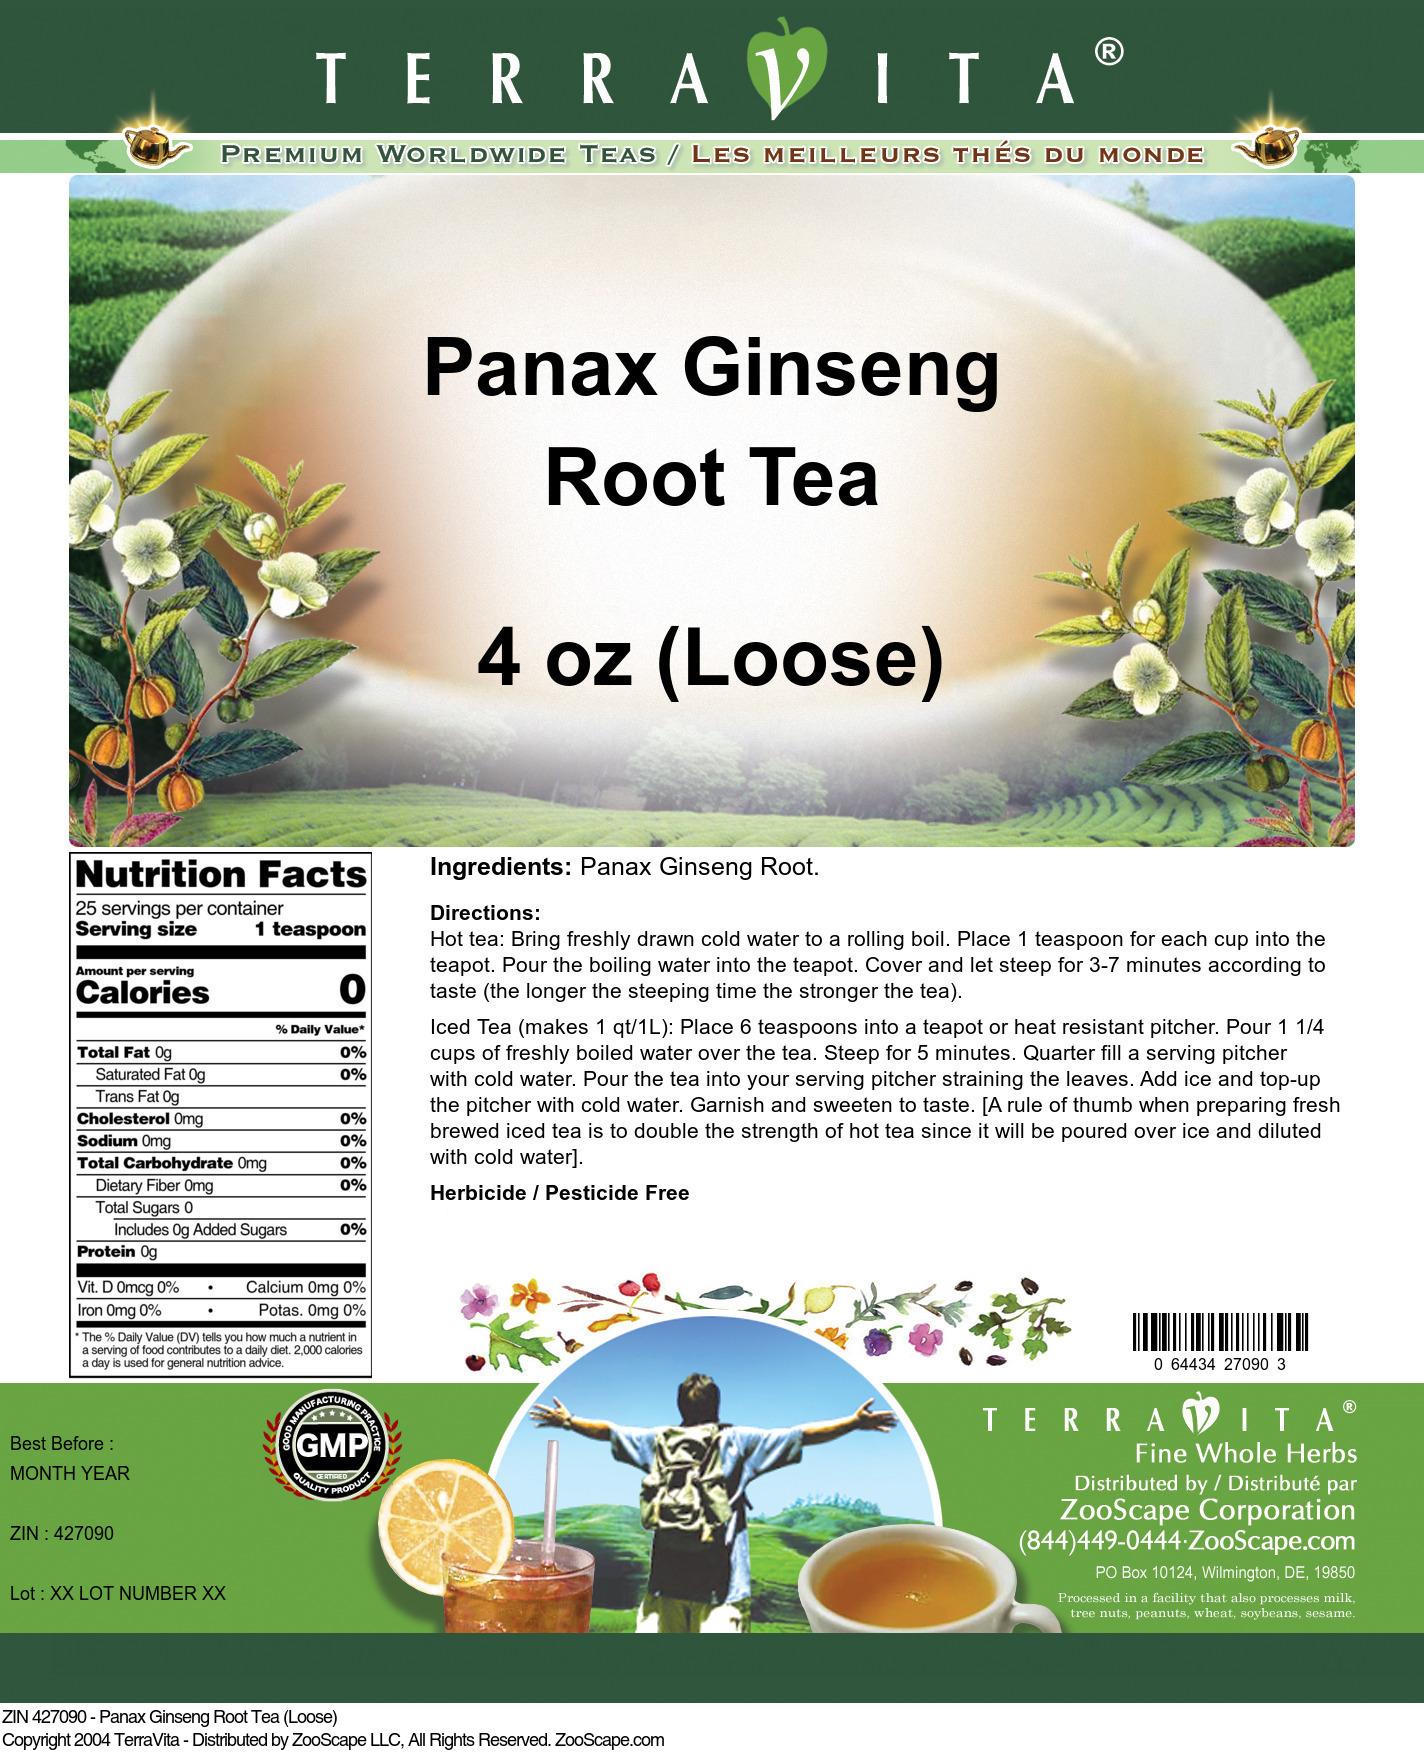 Panax Ginseng Root Tea (Loose)